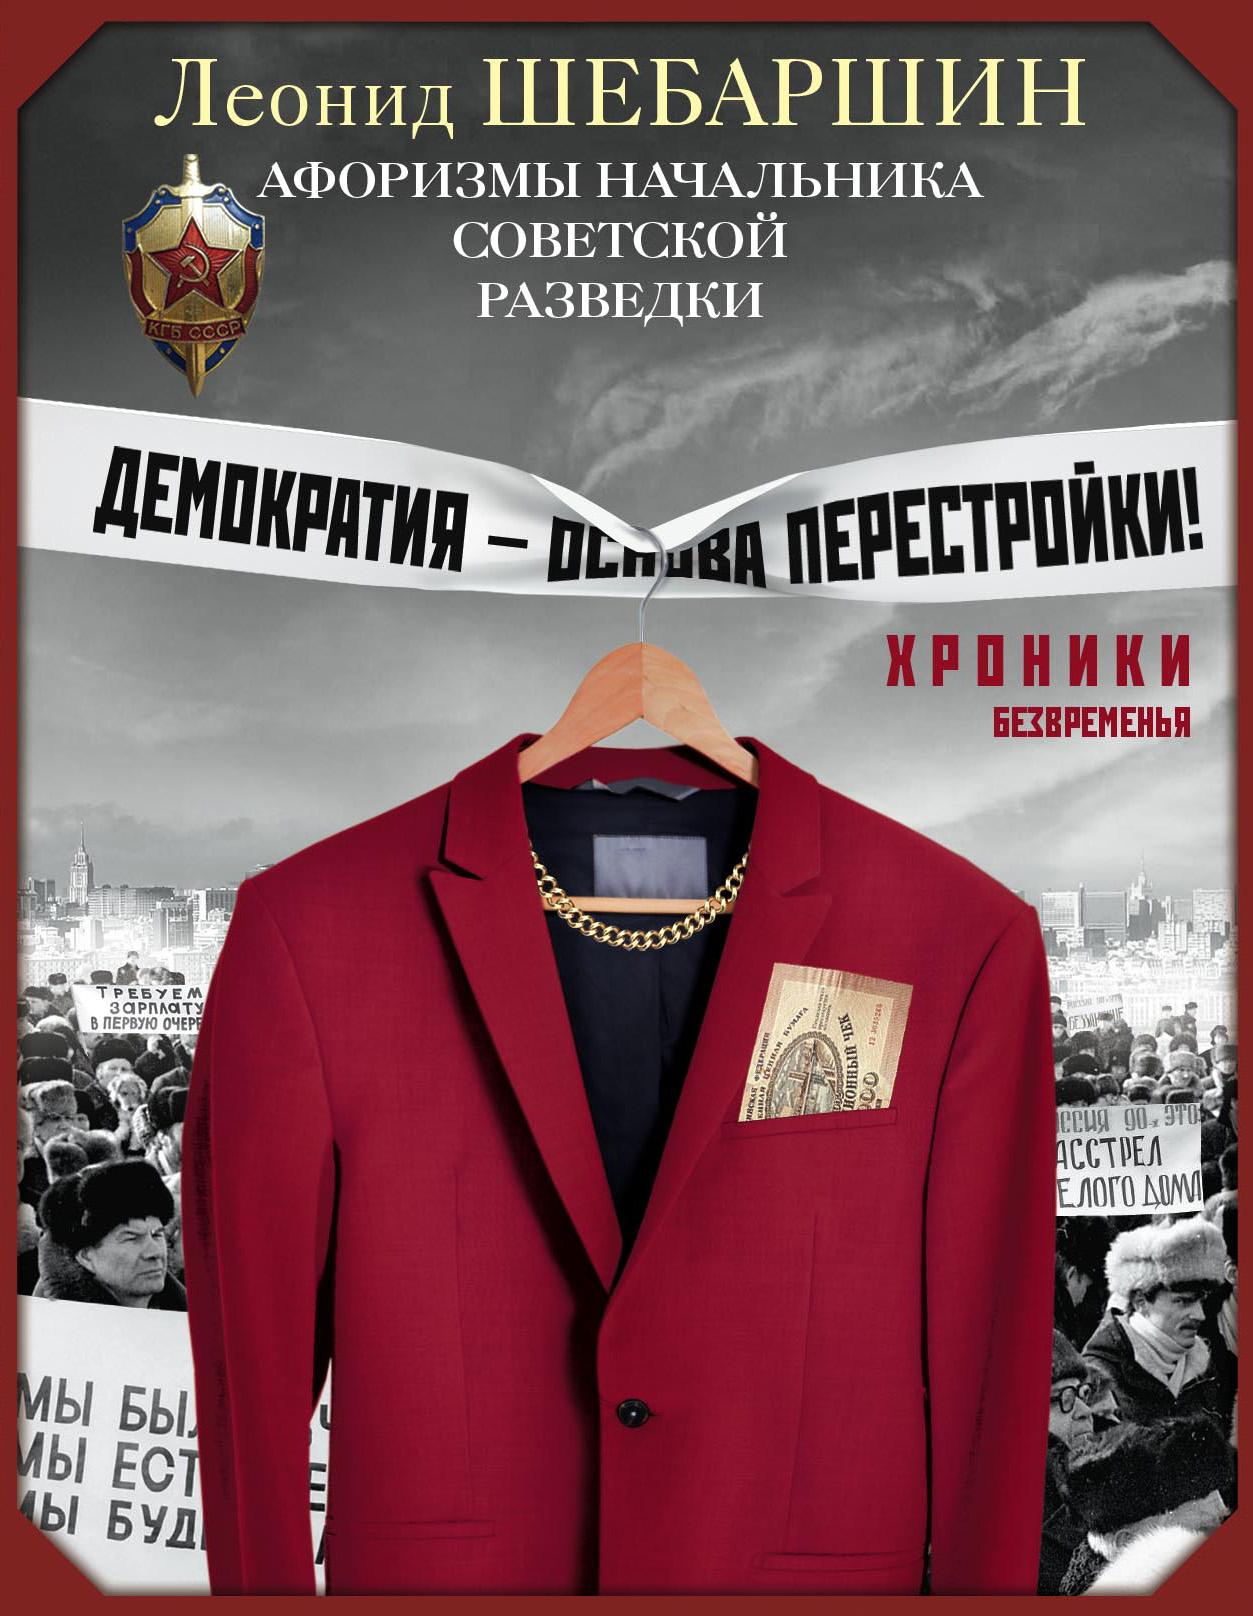 Леонид Шебаршин Хроники безвременья. Афоризмы начальника советской разведки